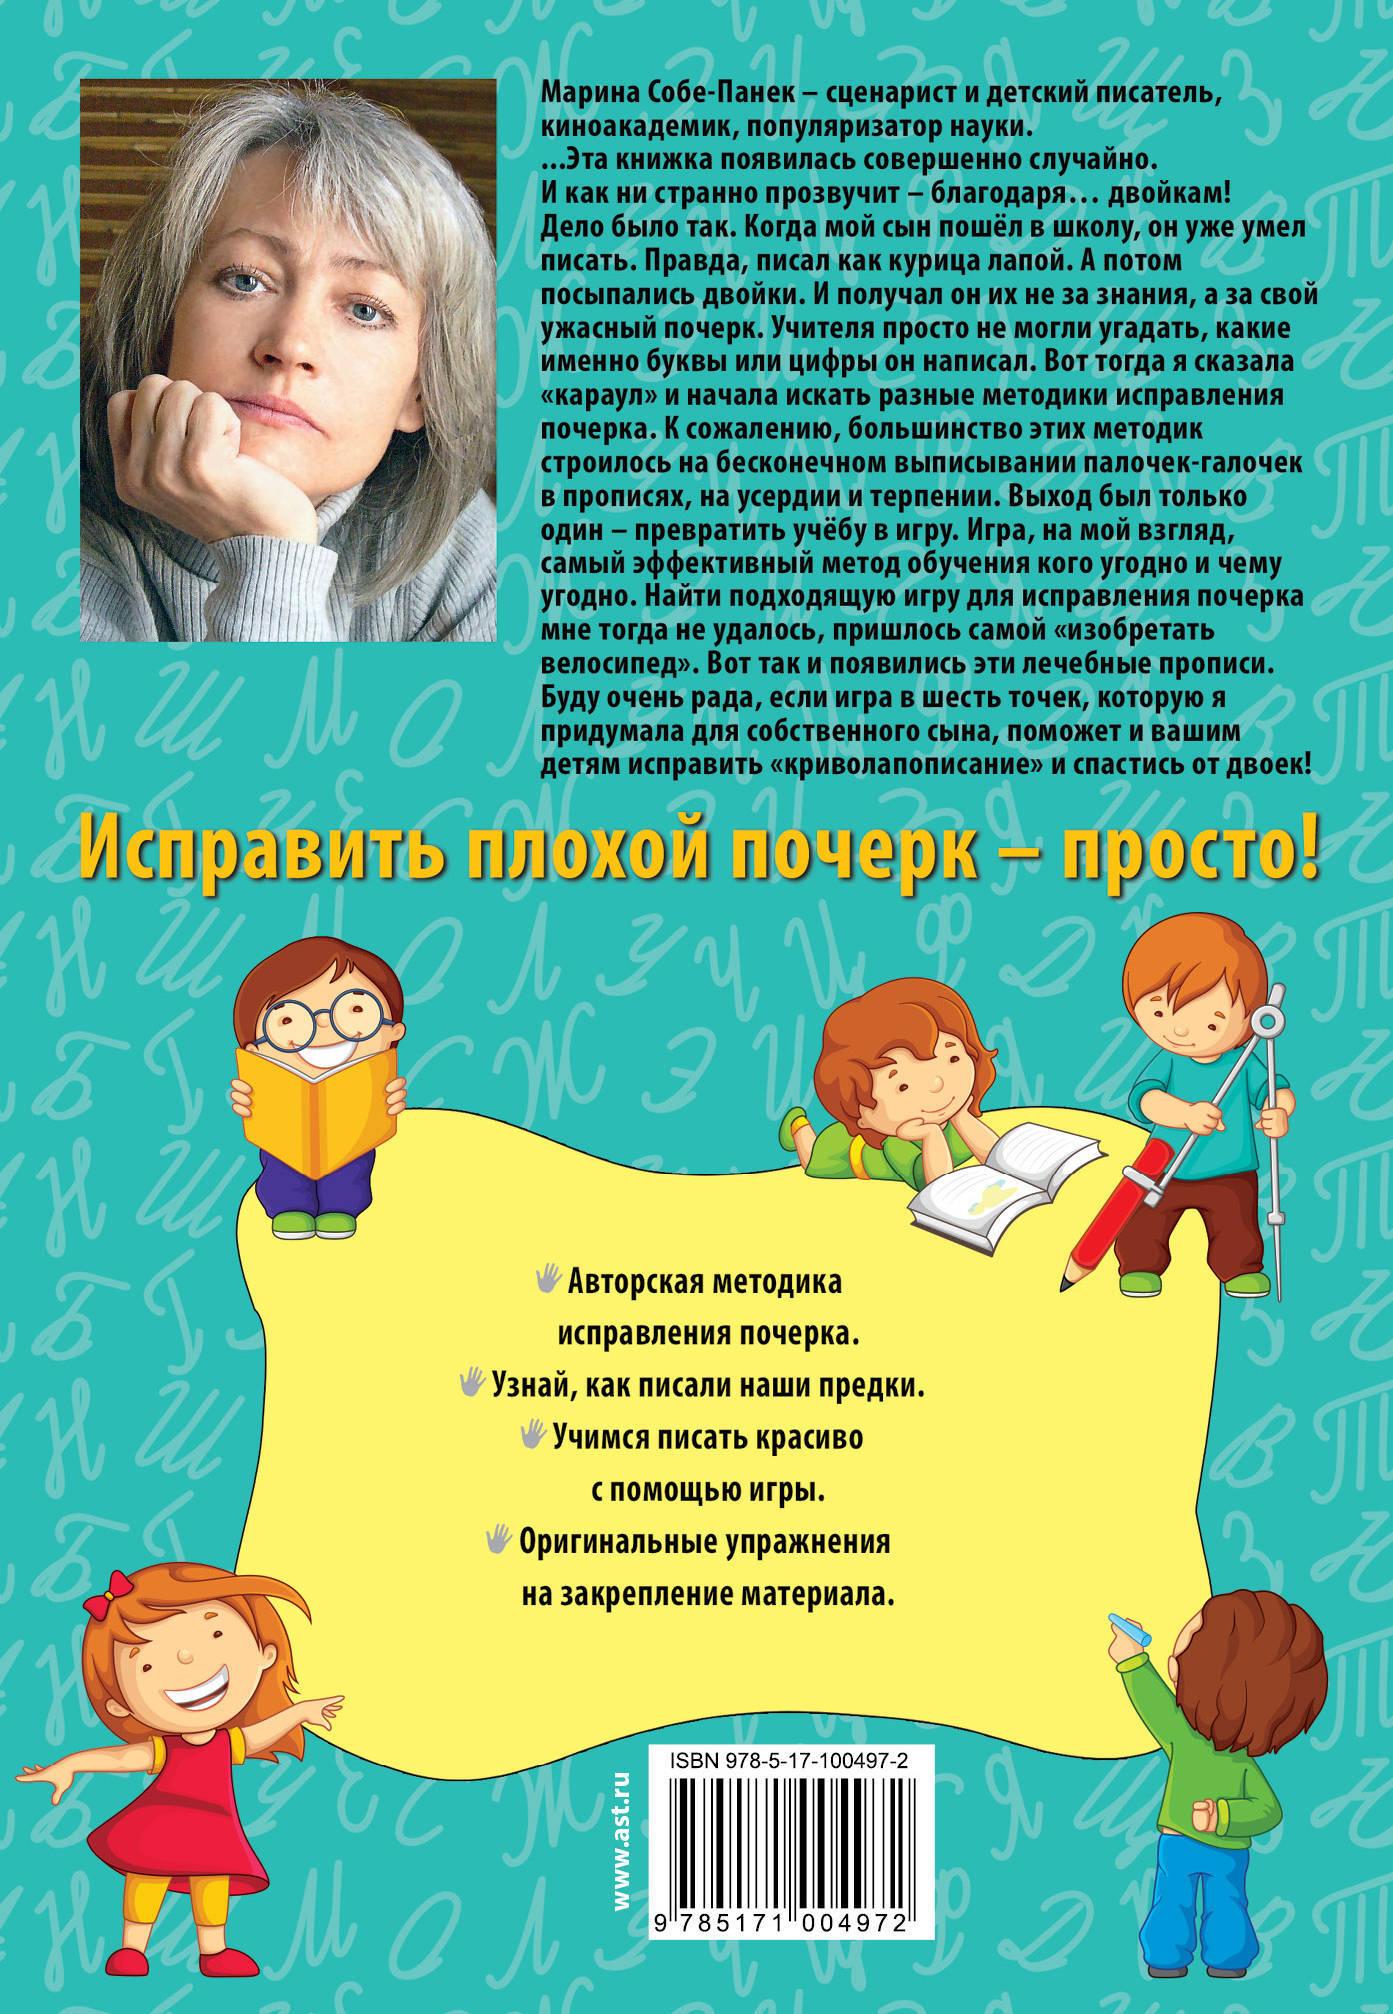 Собе-Панек Марина Викторовна. Учимся писать красиво. Исправляем почерк ребёнка | Собе-Панек Марина Викторовна 0x0